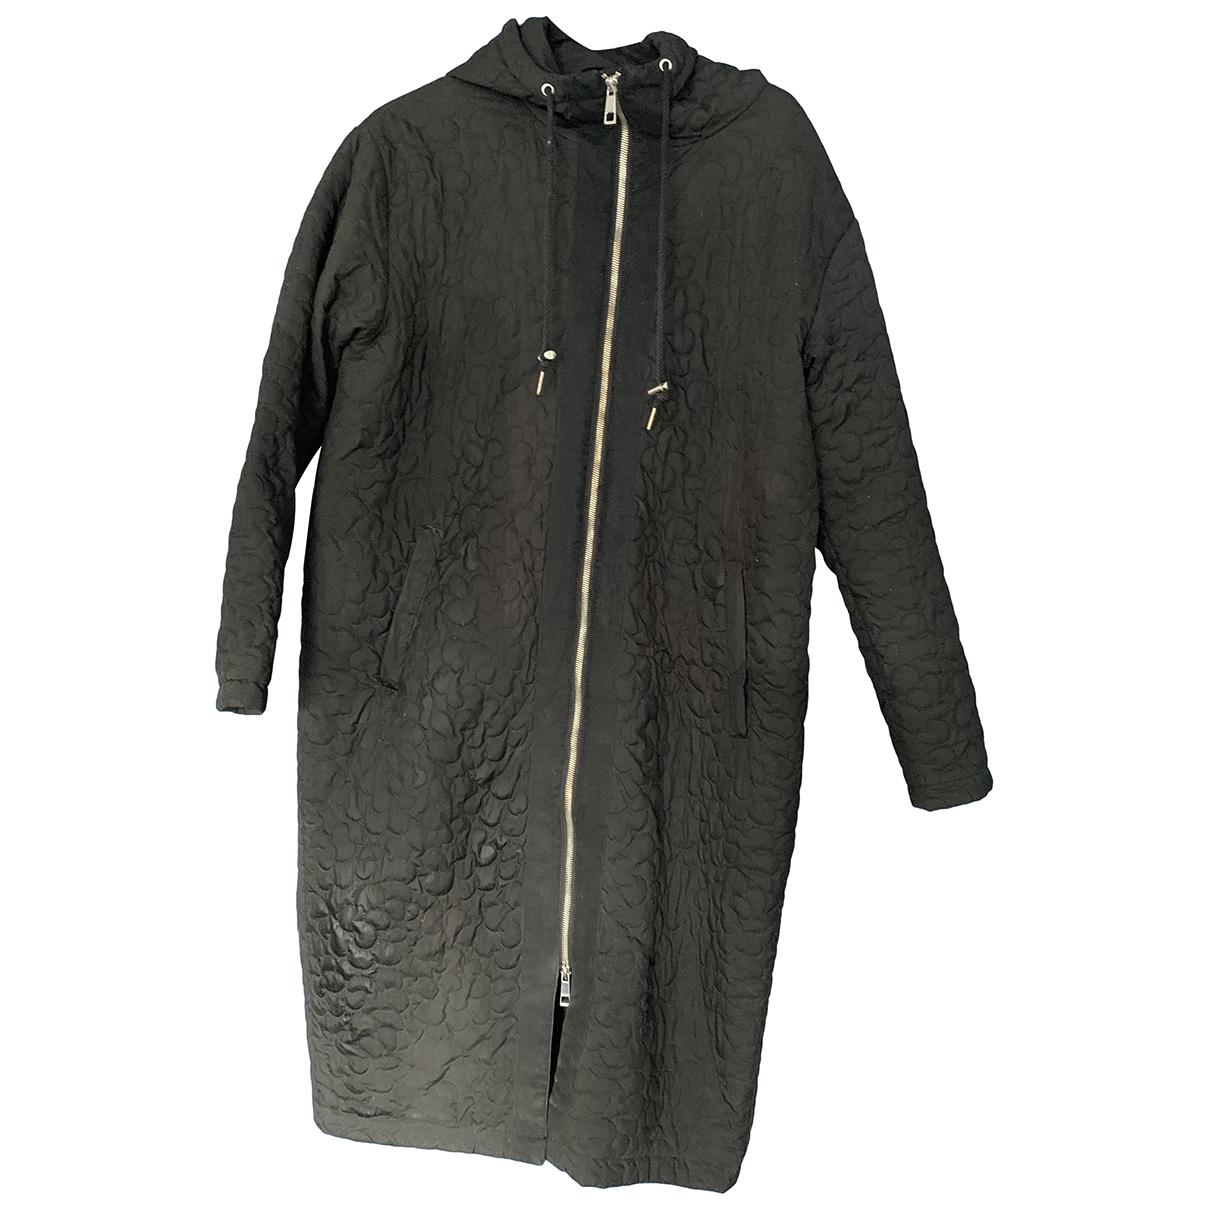 Whistles \N Black coat for Women M International